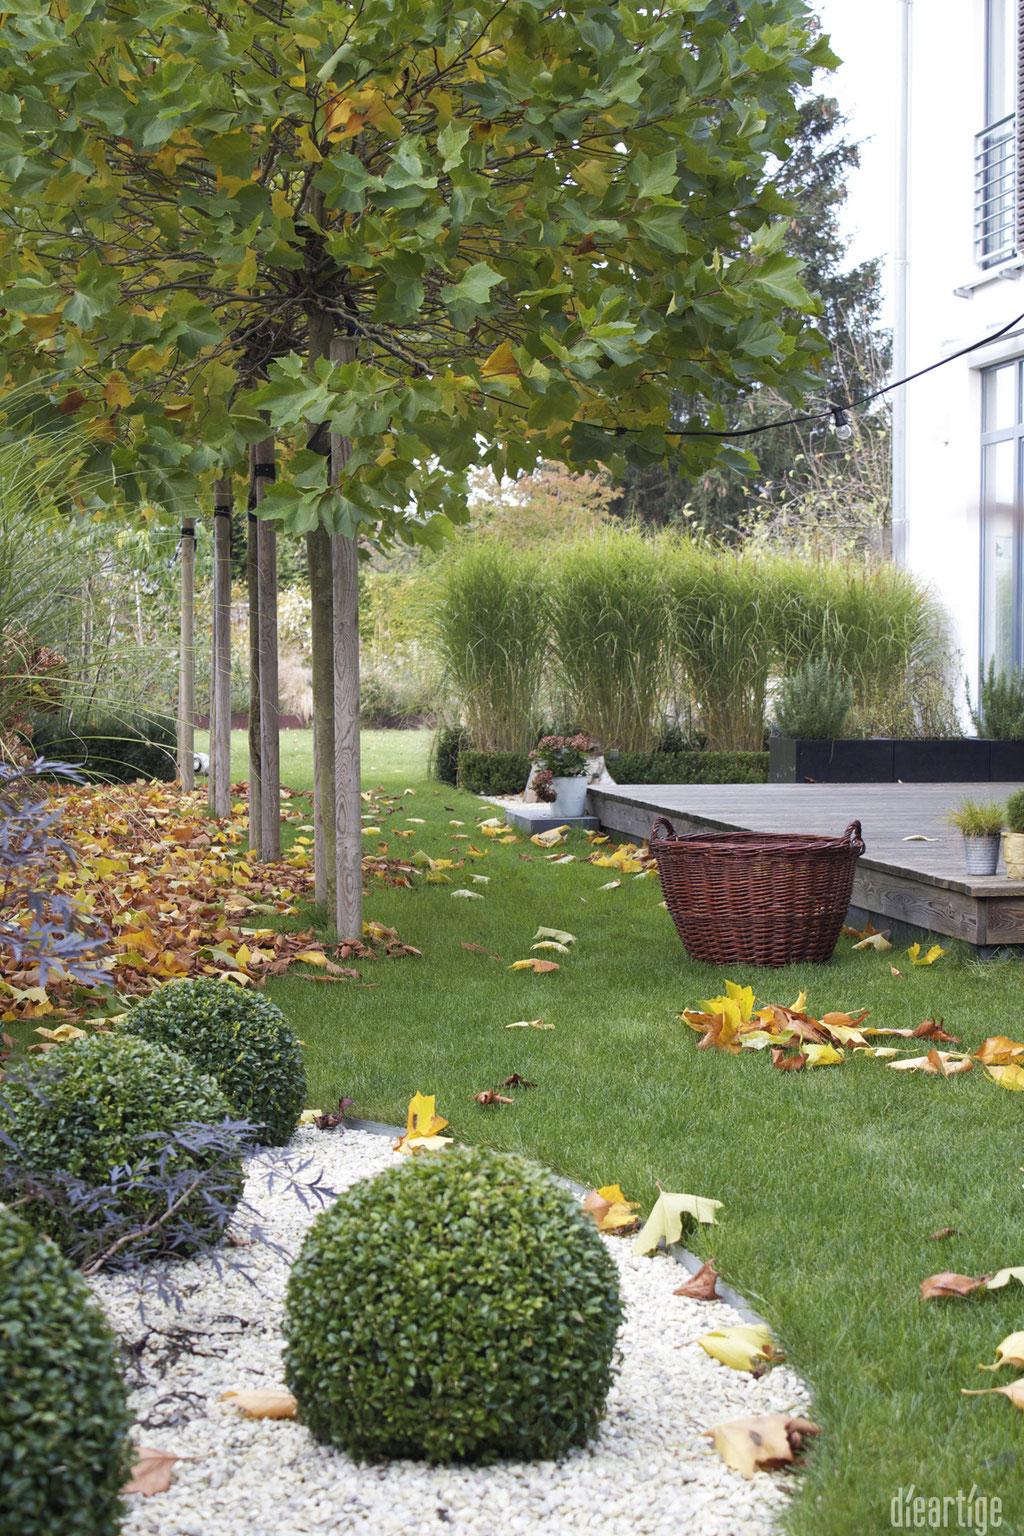 dieartigeBLOG - Herbstlaub im Garten = hygge